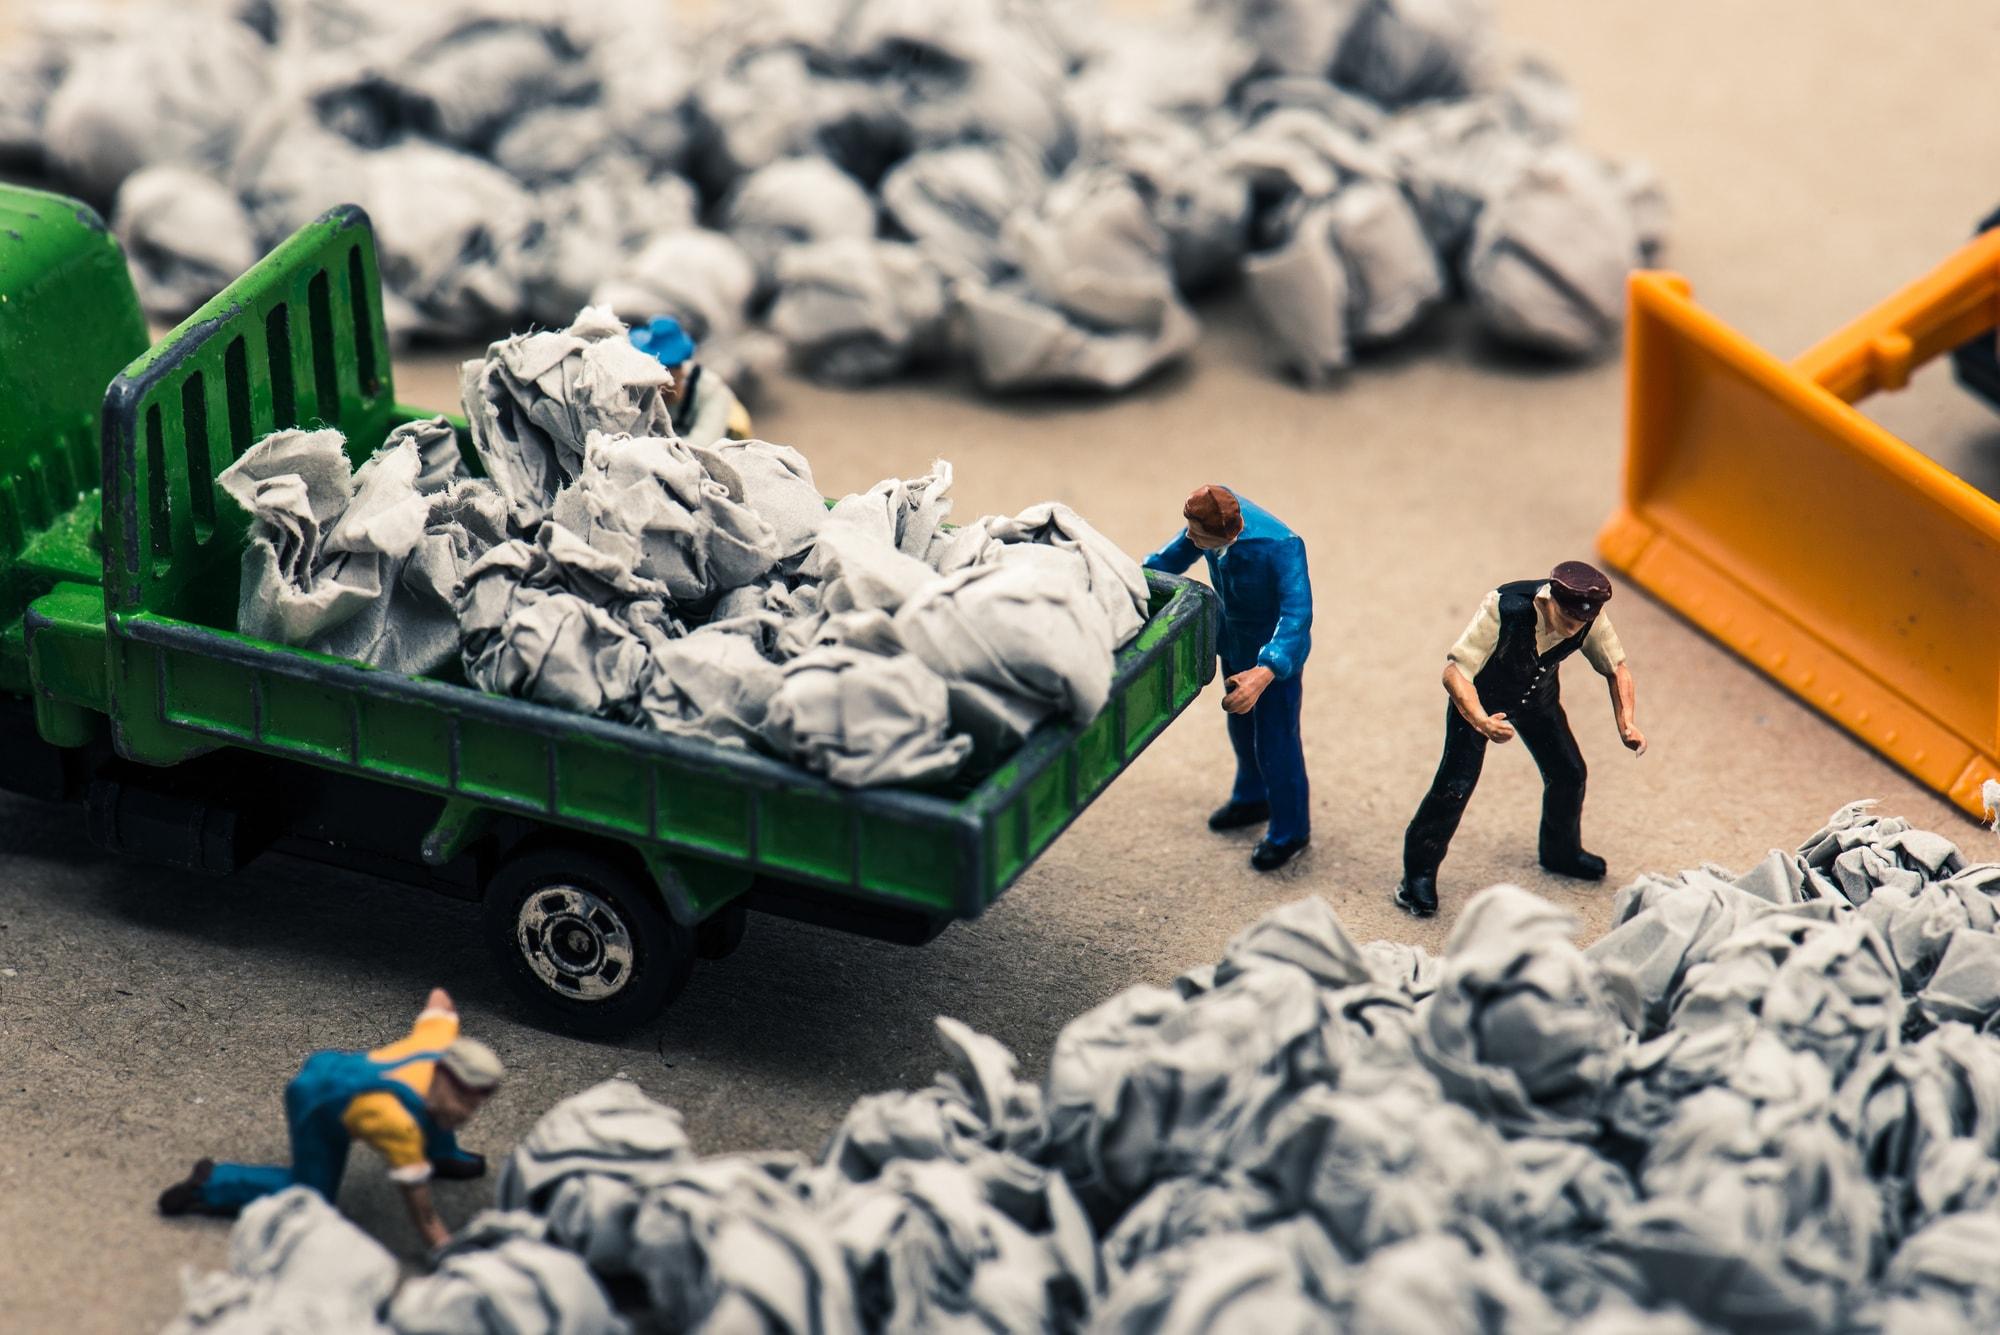 大量のゴミ処分に困った時はどうすればいい?